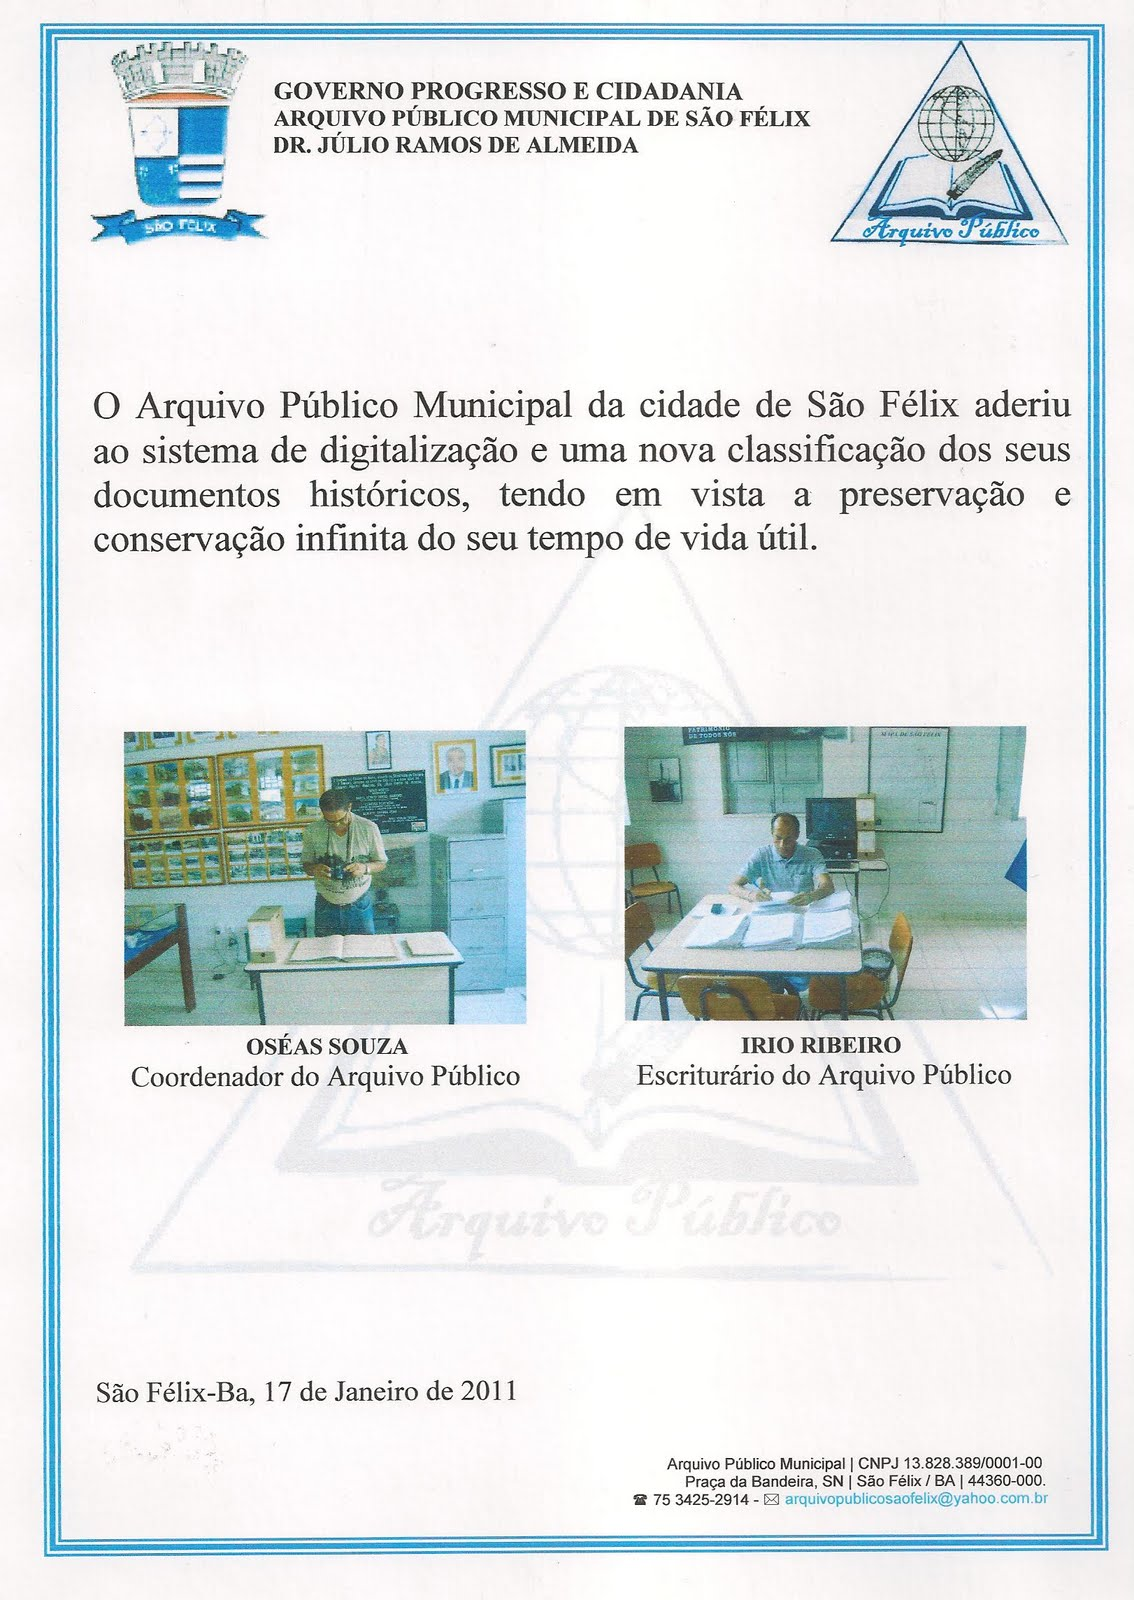 Preservação Do Património Natural: Arquivo Público Municipal: GARANTINDO A CONSERVAÇÃO E